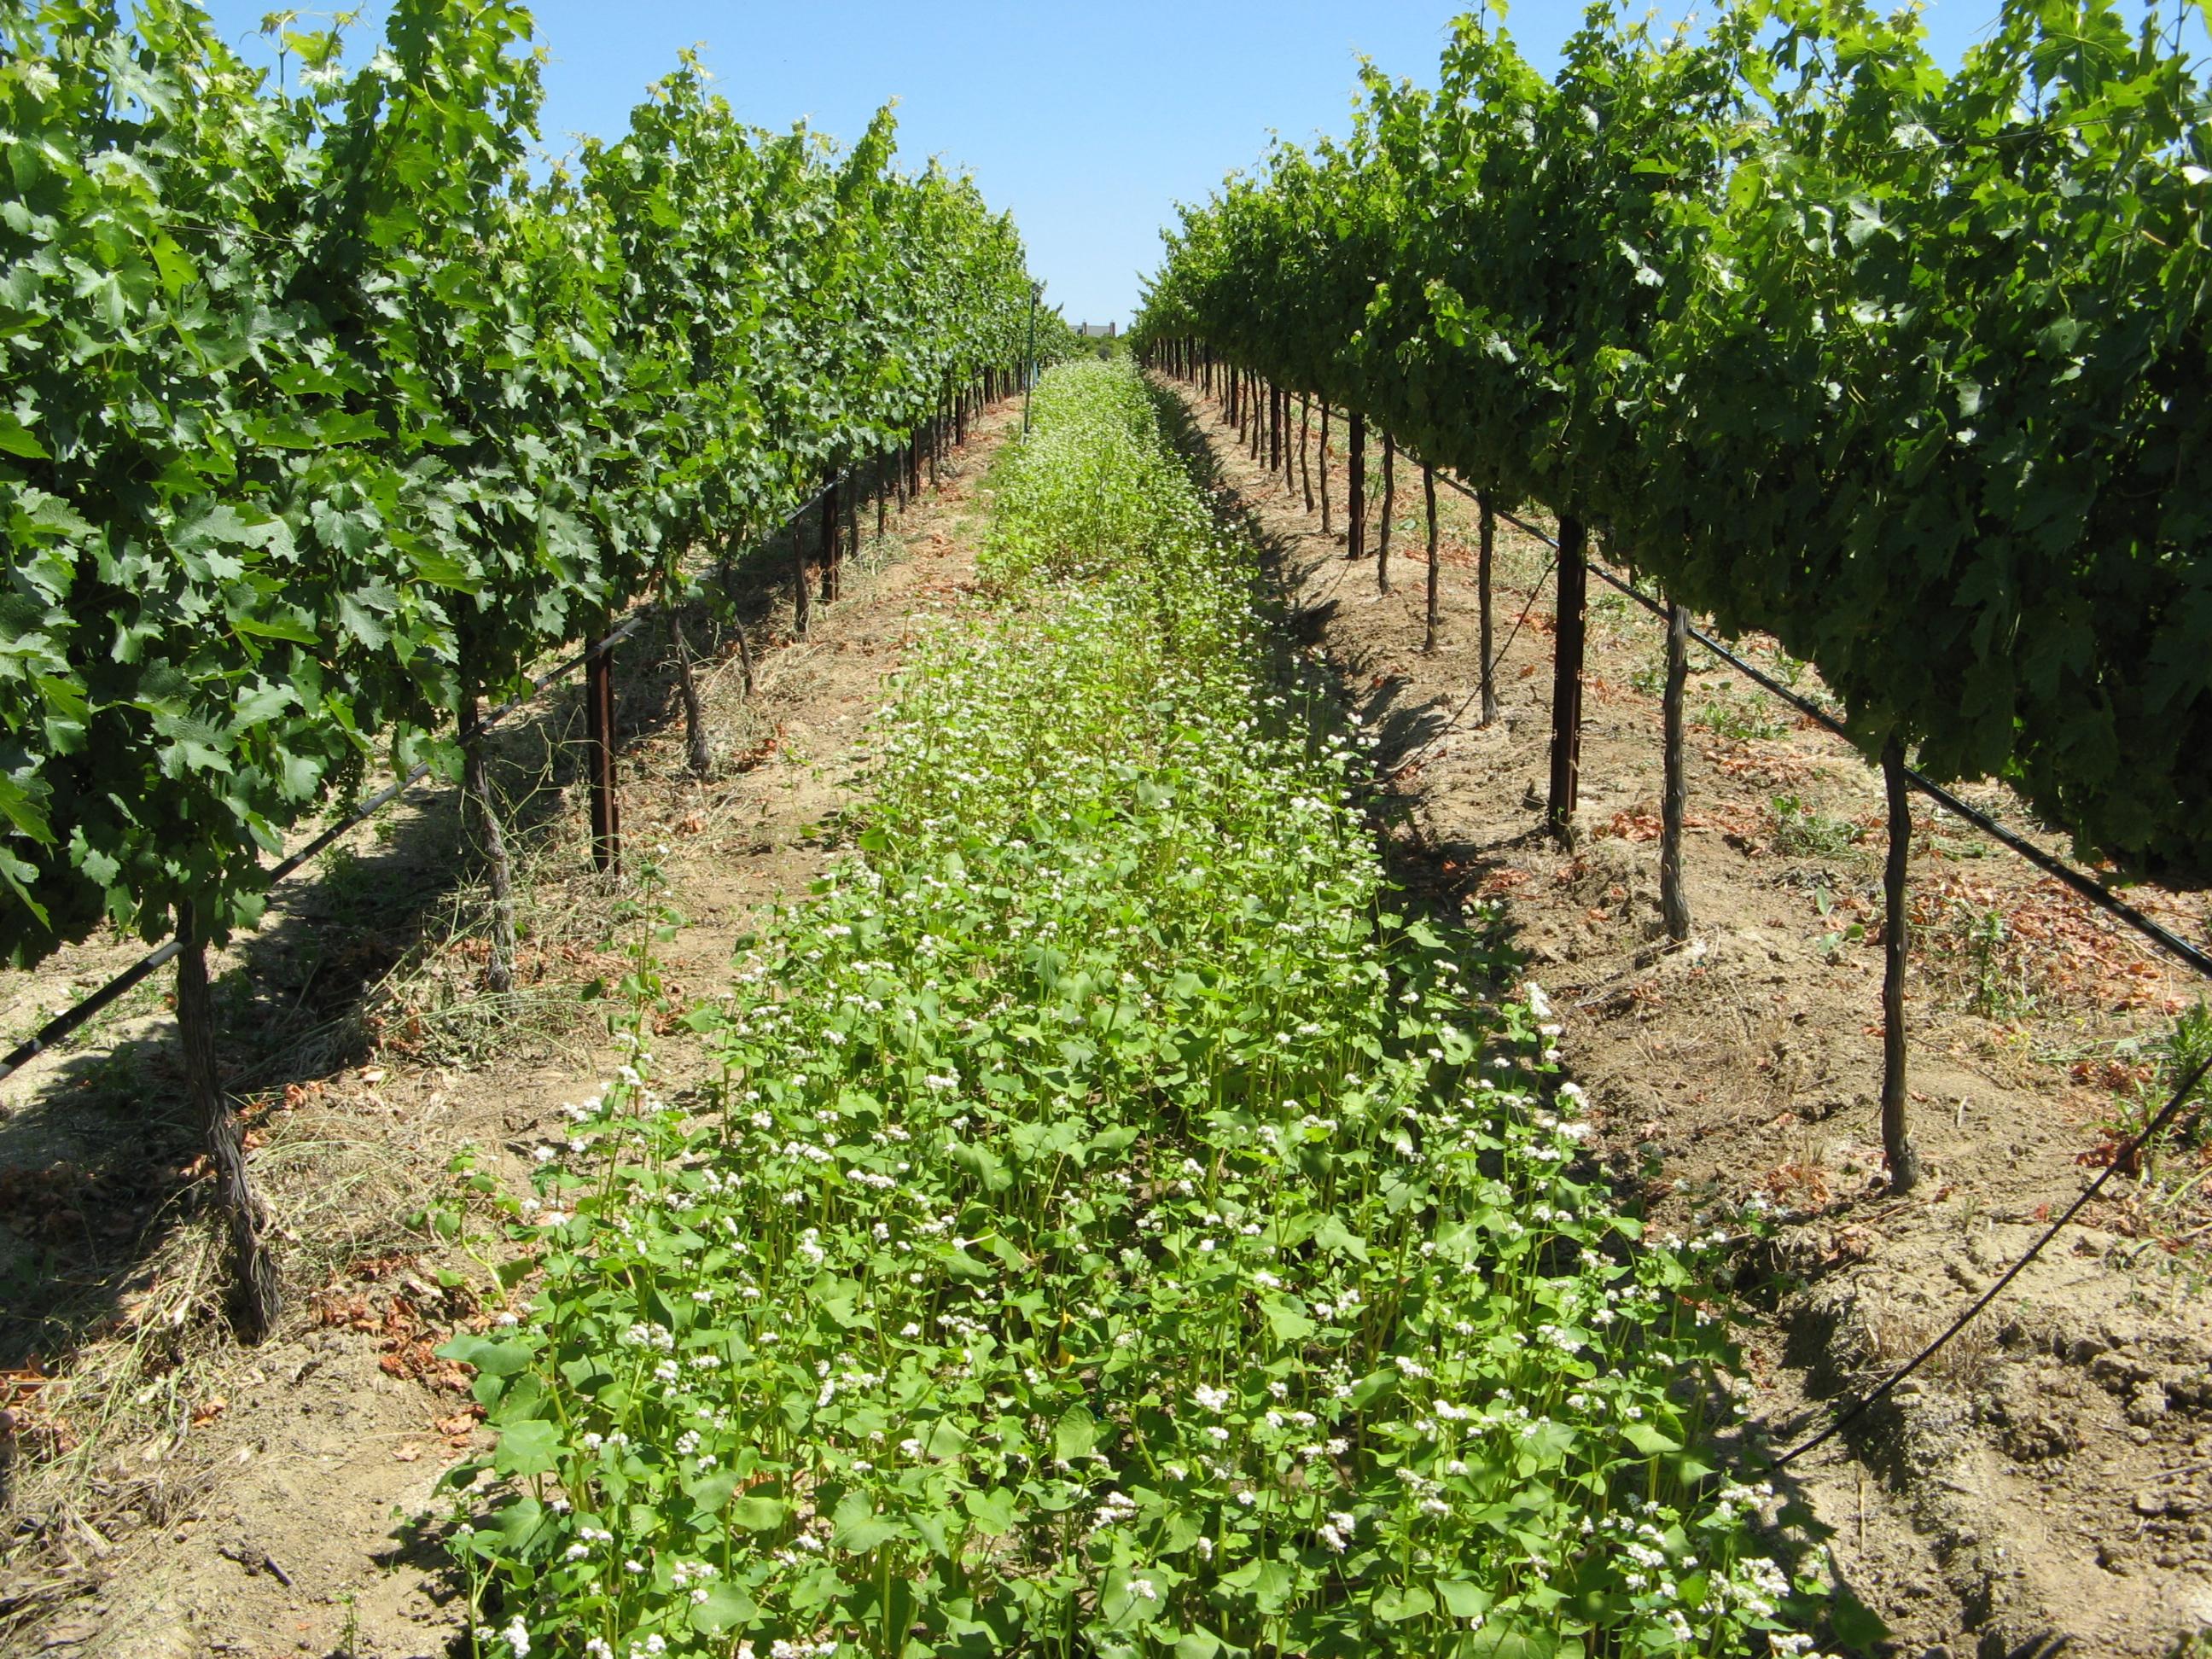 Se buscará una cubierta que se adapte bien al sitio y, donde sea posible, incluya especies comercialmente interesantes, así mejorando la rentabilidad de la plantación. (imagen de la Universidad de California - Riverside)